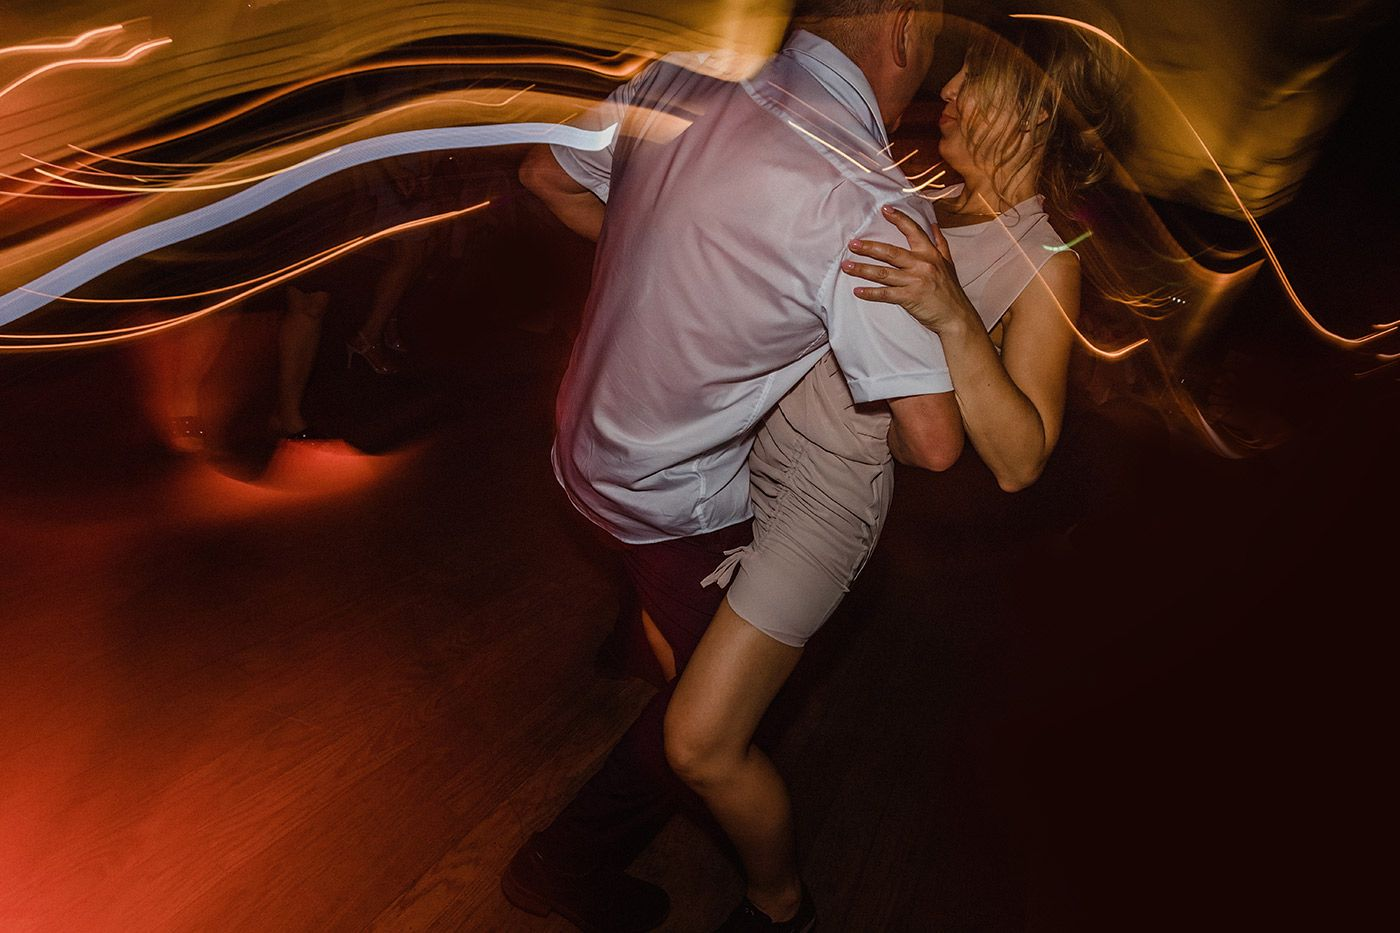 hochzeit_hochzeitsreportage_zeche_zollverein_casino_hochzeitsfotograf_lumoid_nadine_lotze_hagen_ruhrgebiet_essen_party_tanzen_hochzeitsfotografin